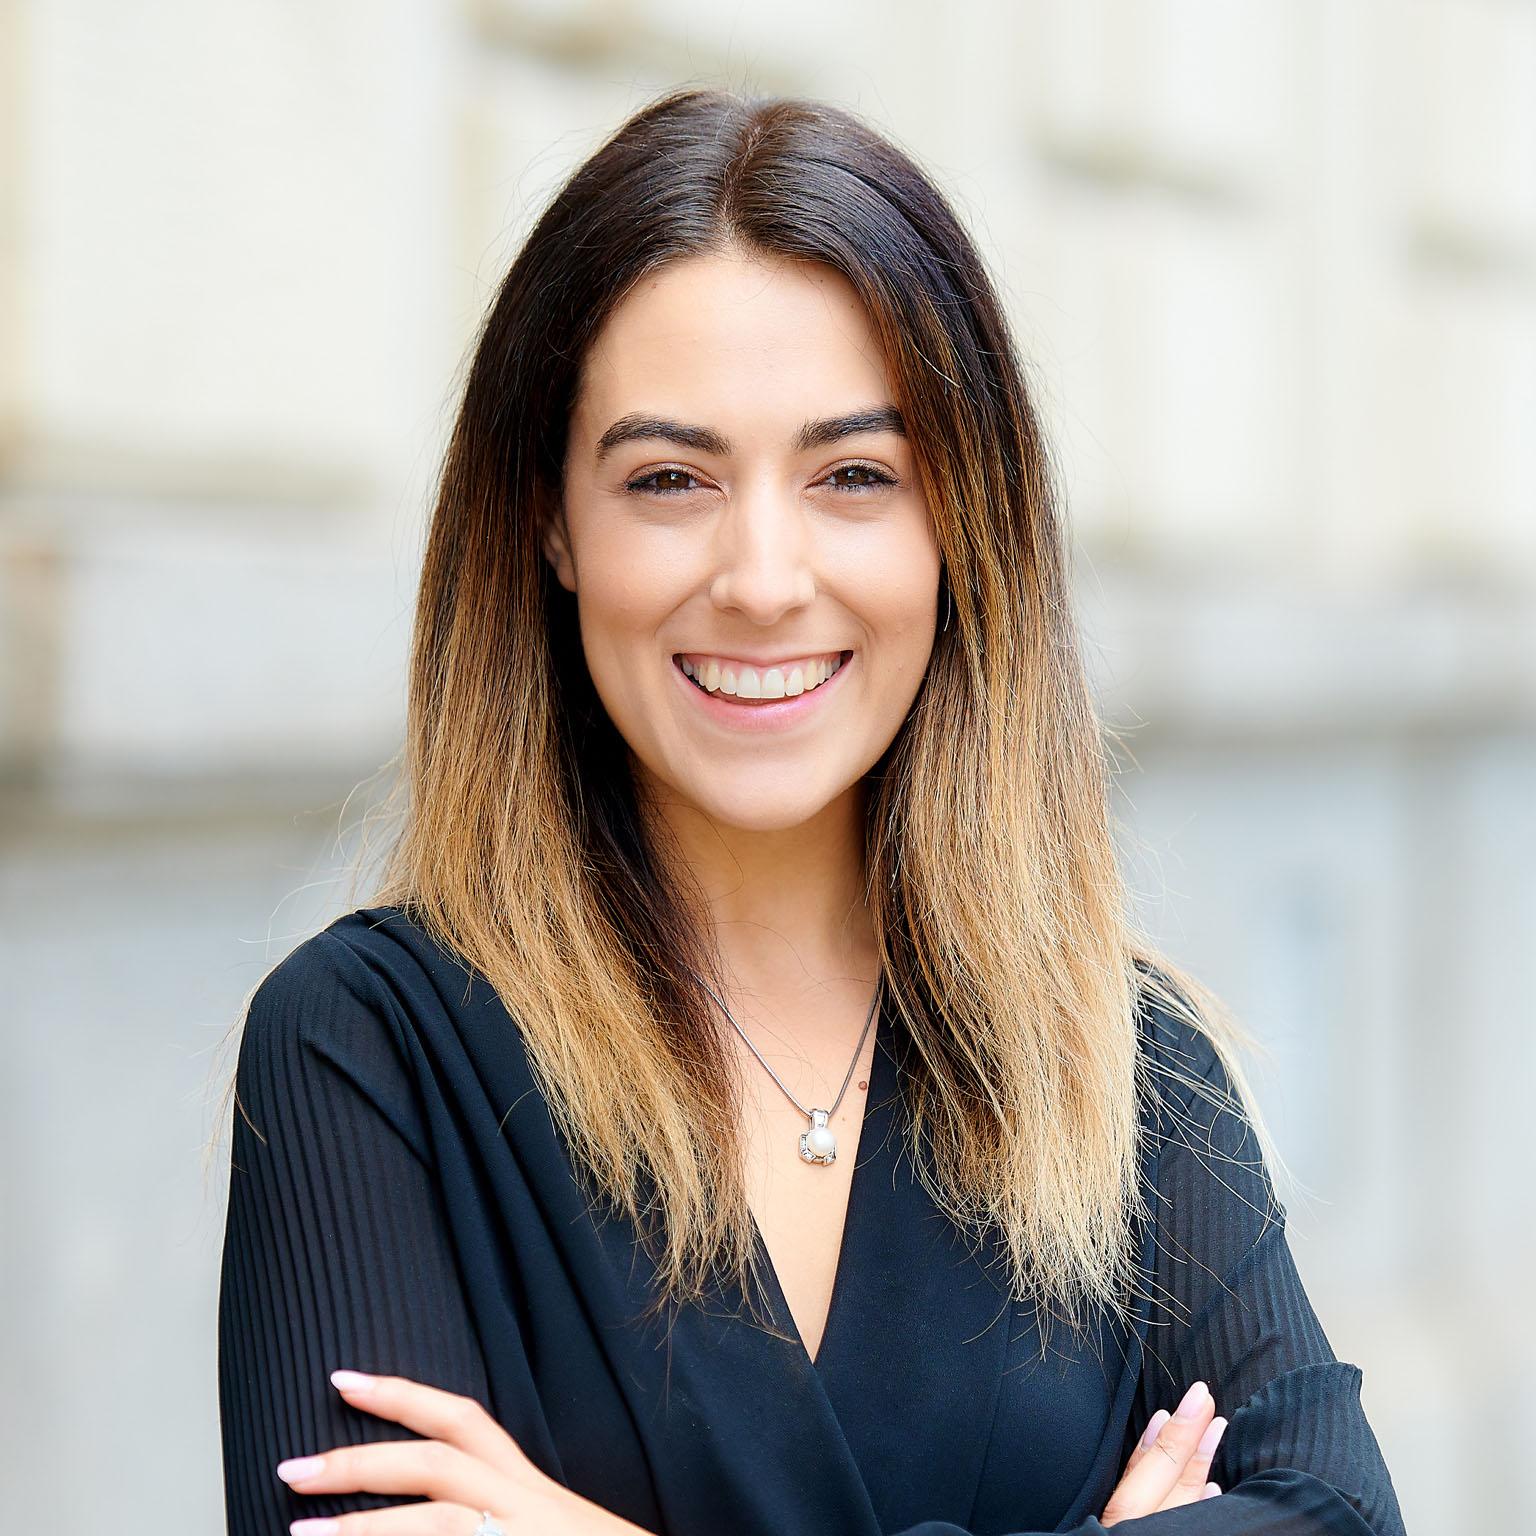 Julia Morar